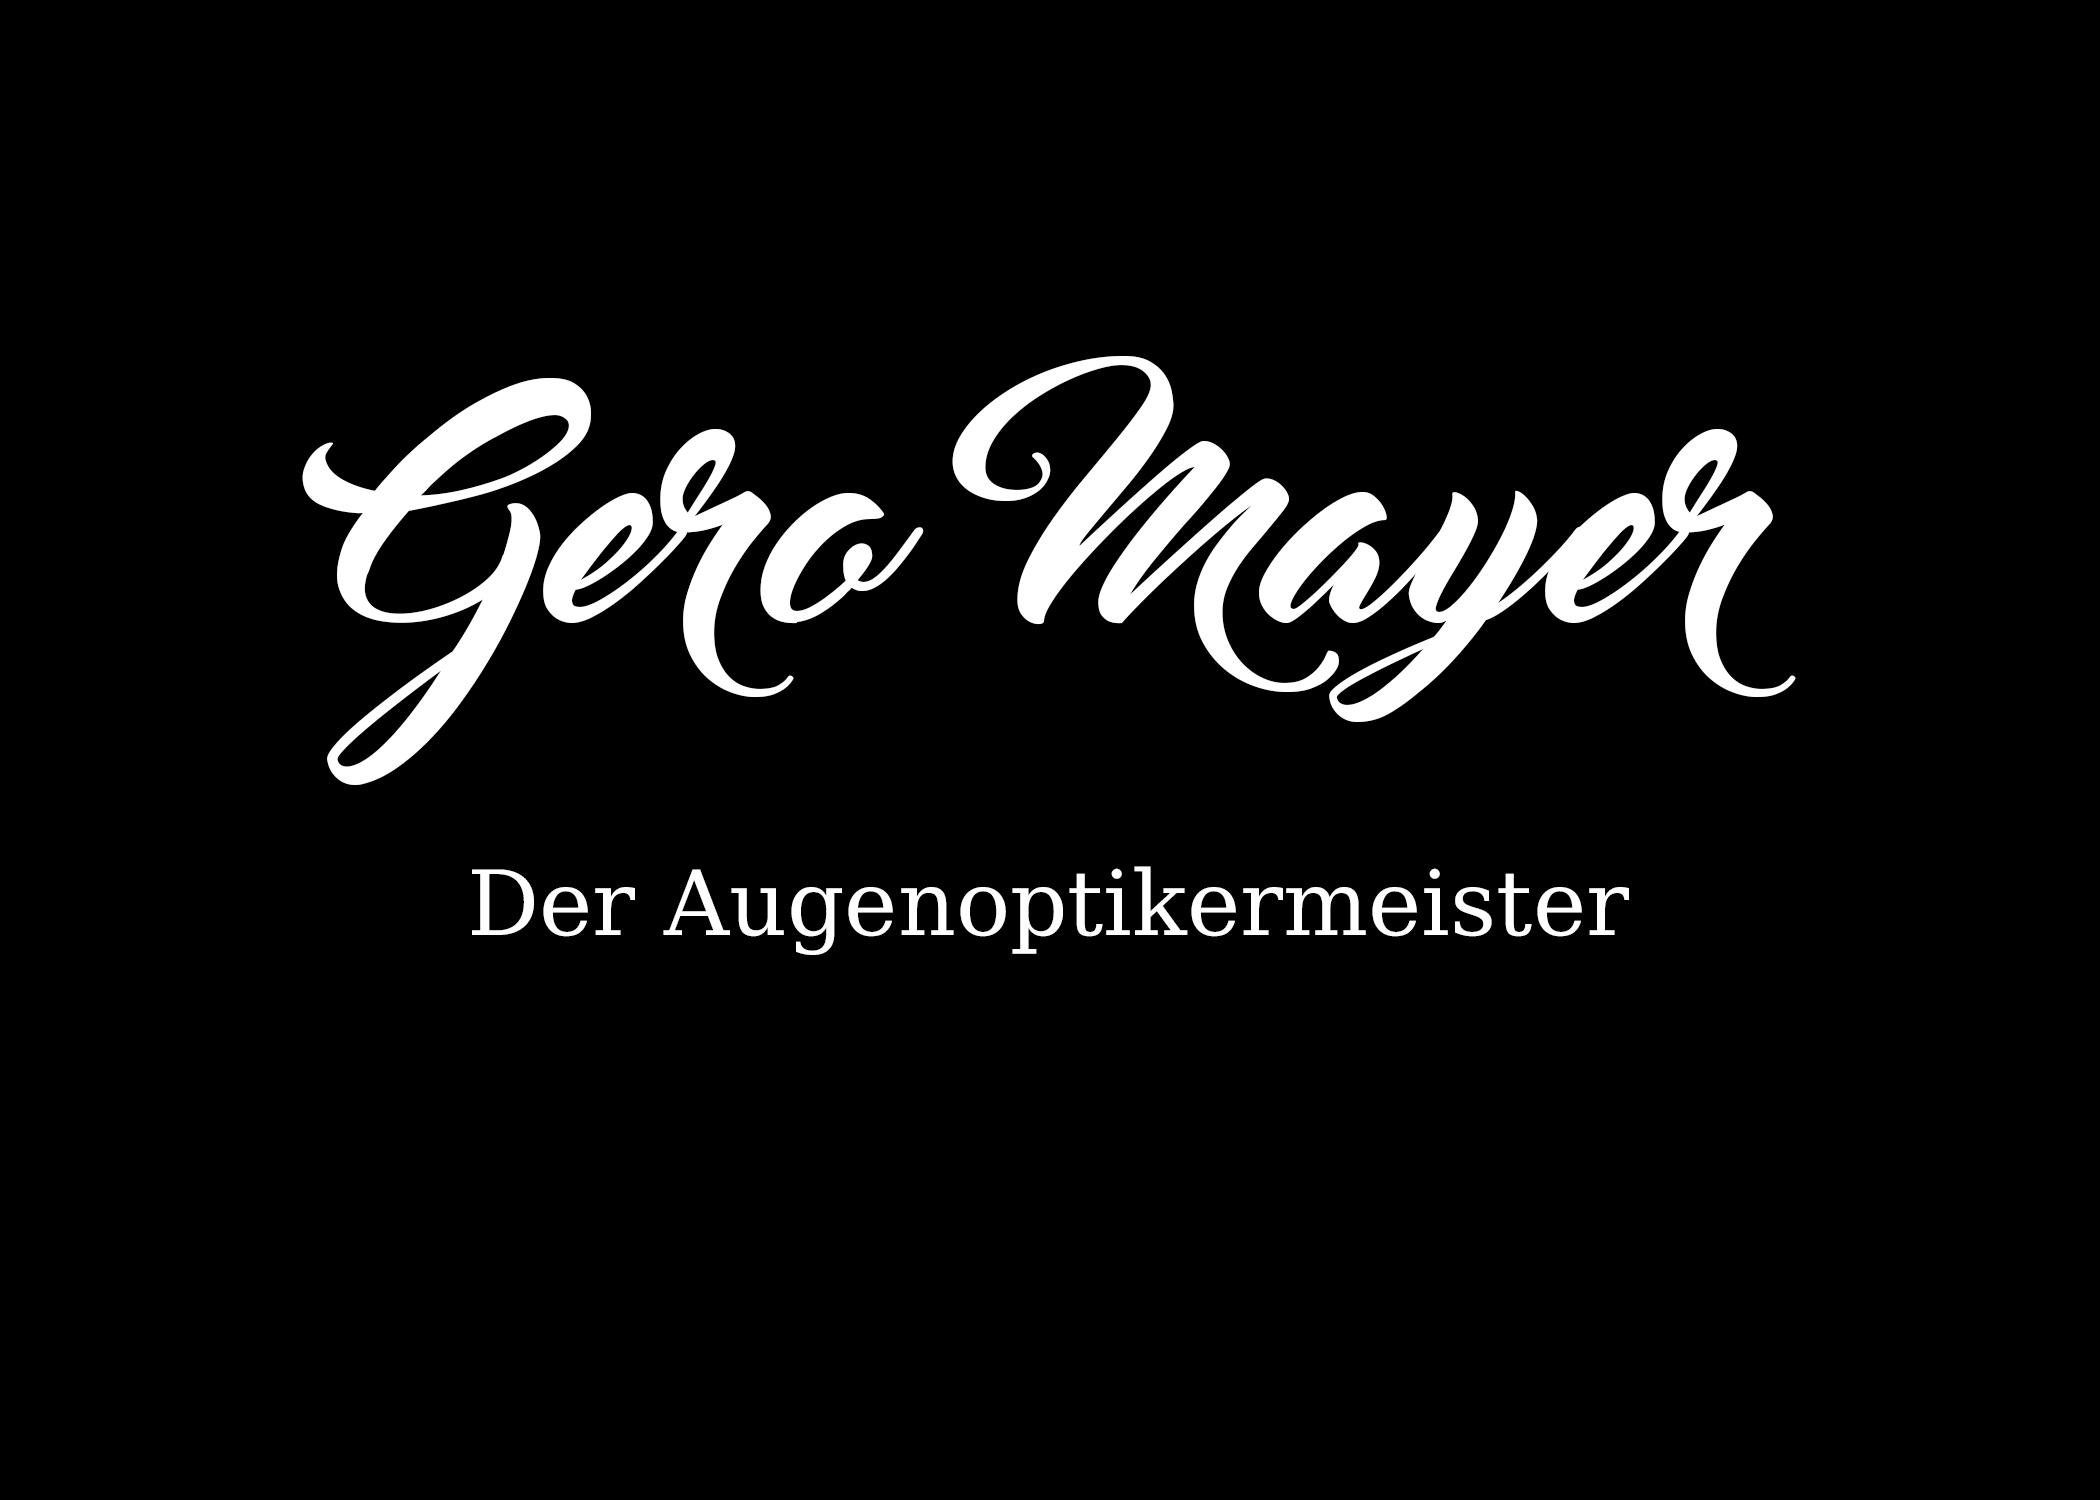 Gero Mayer Keratokonus Spezialist